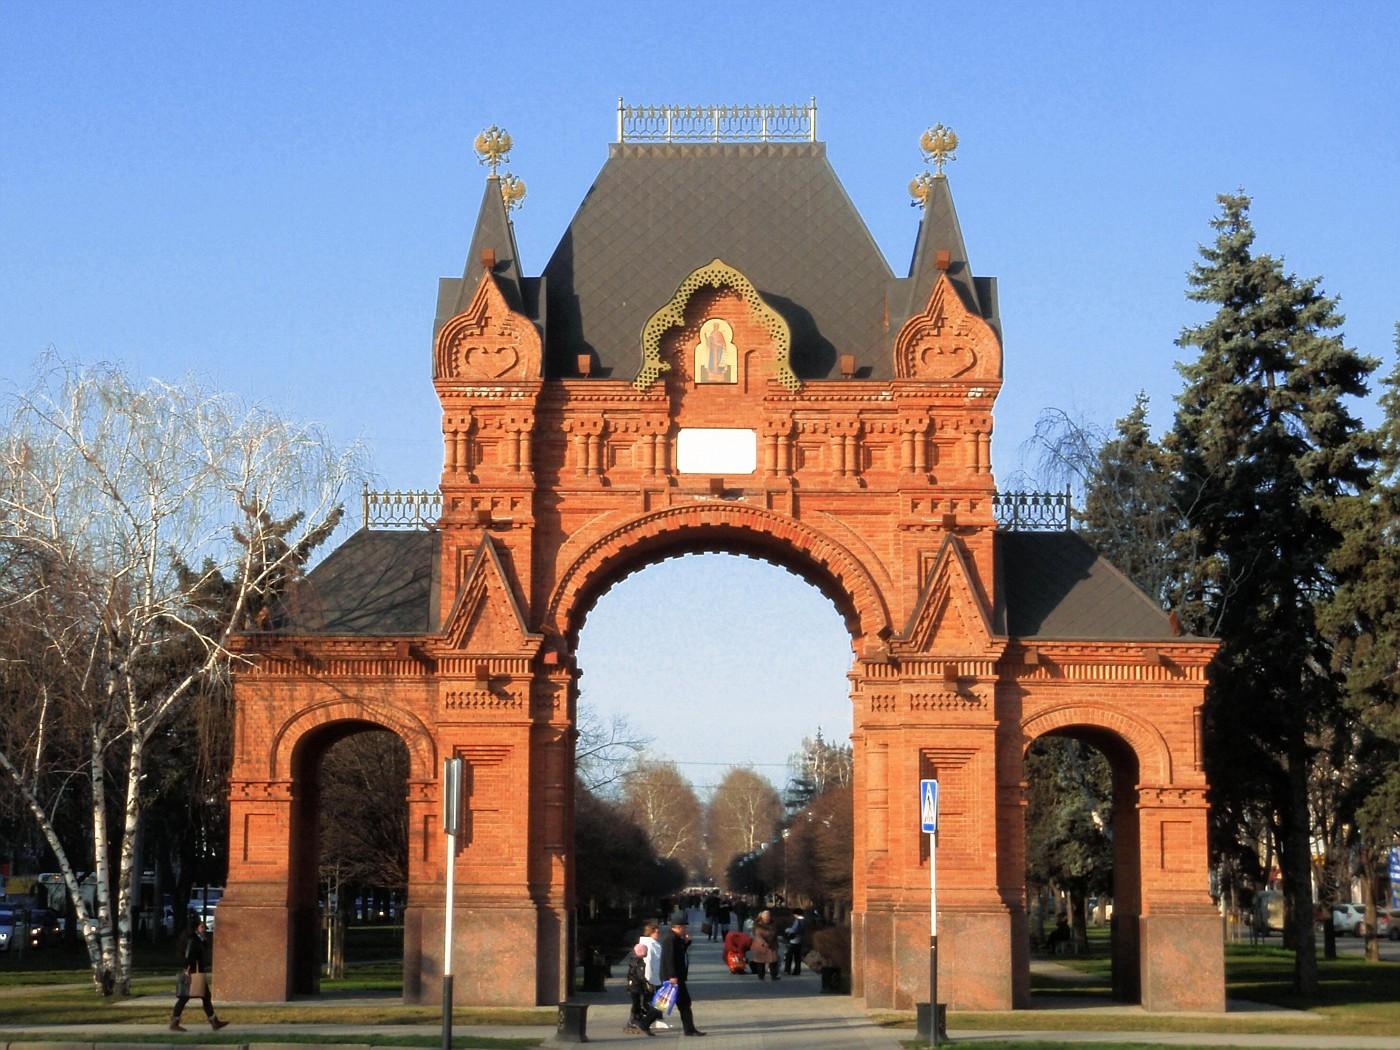 Alexander's Arch